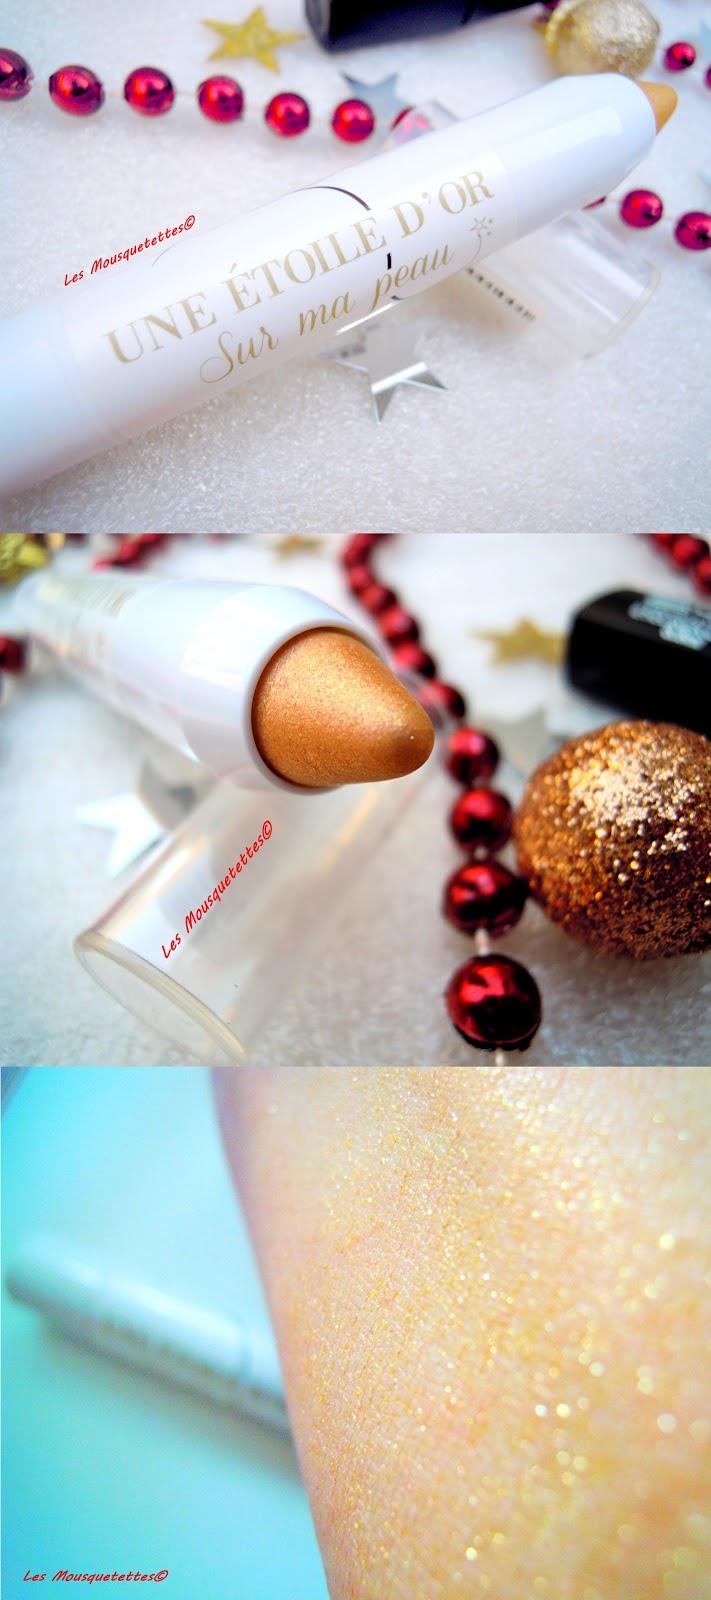 Crayon Une Etoile D'or sur ma peau - De Bruyère - Les Mousquetettes©